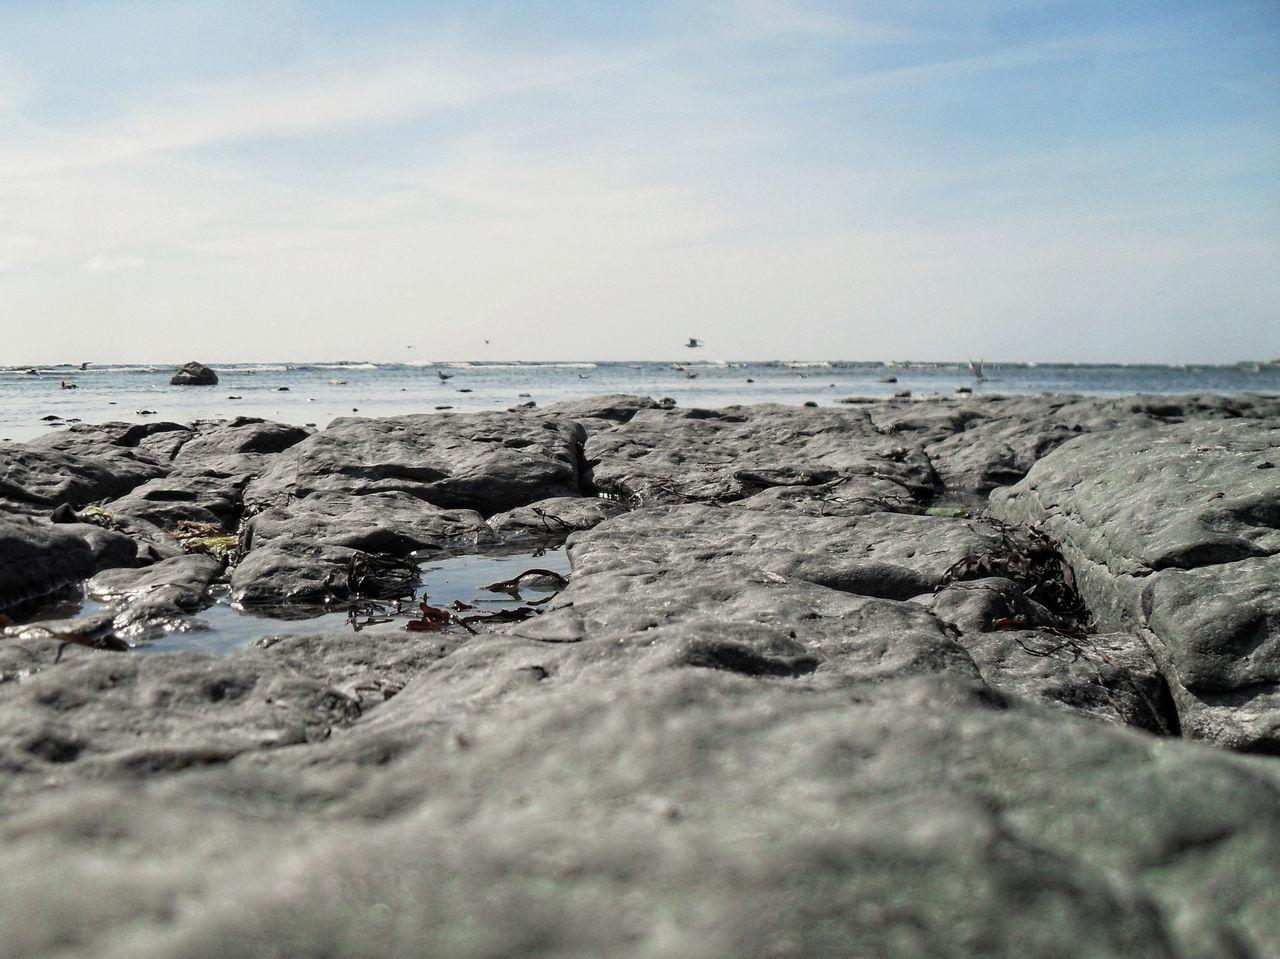 Rocky beach against sky